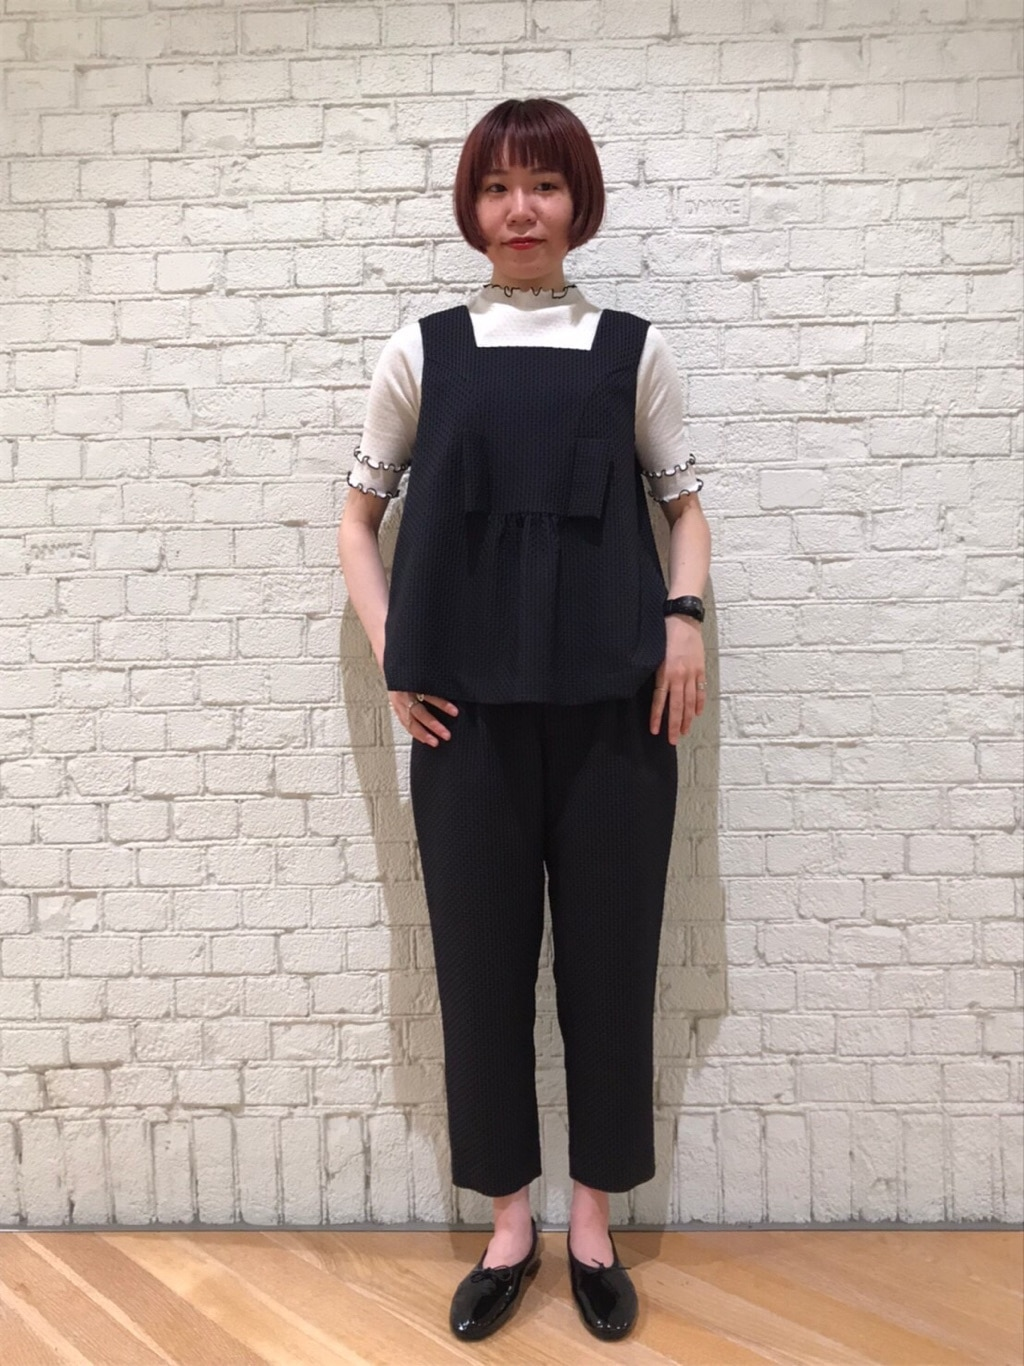 l'atelier du savon 東京スカイツリータウン・ソラマチ 身長:162cm 2020.06.10